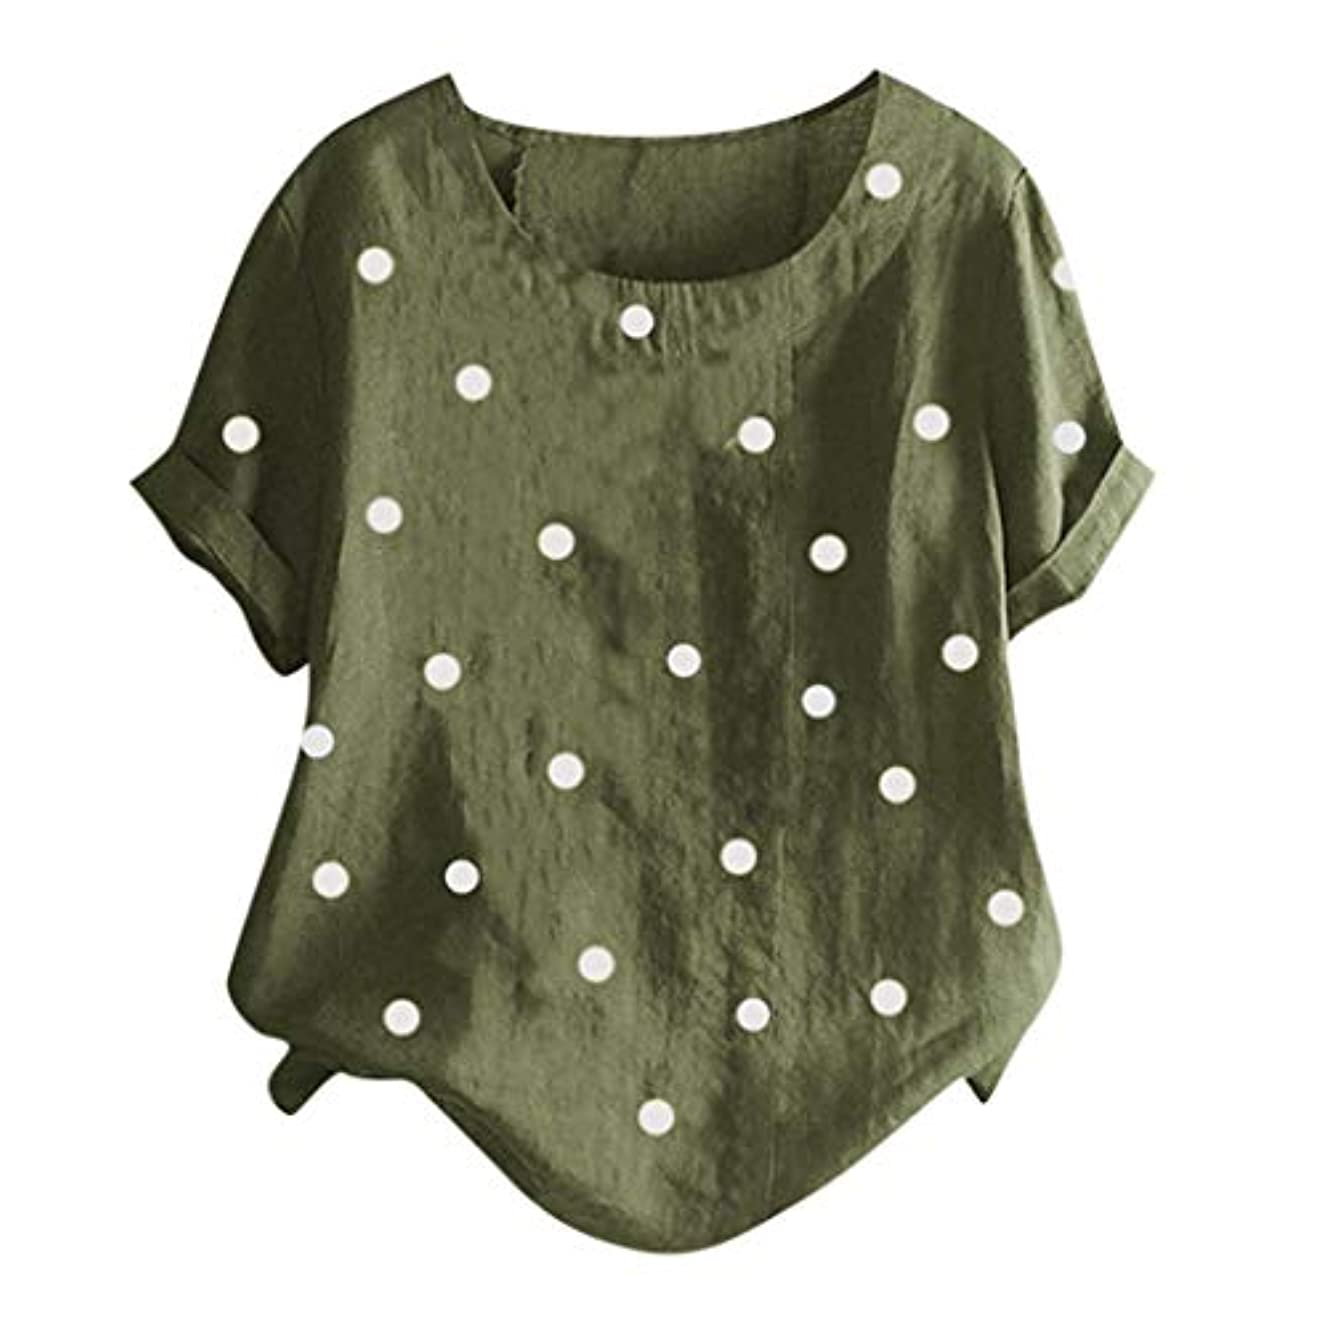 別のラインナップ気配りのある亜麻 ティーシャツ メンズ 純色 Vネック 綿麻 ブレンド 気持ち良い 半袖 ワッフル サーマル スウェット 薄手 上着 多選択 若者 気質 流行 春夏対応 日系 カットソー 和式 Tシャツ 人気商品